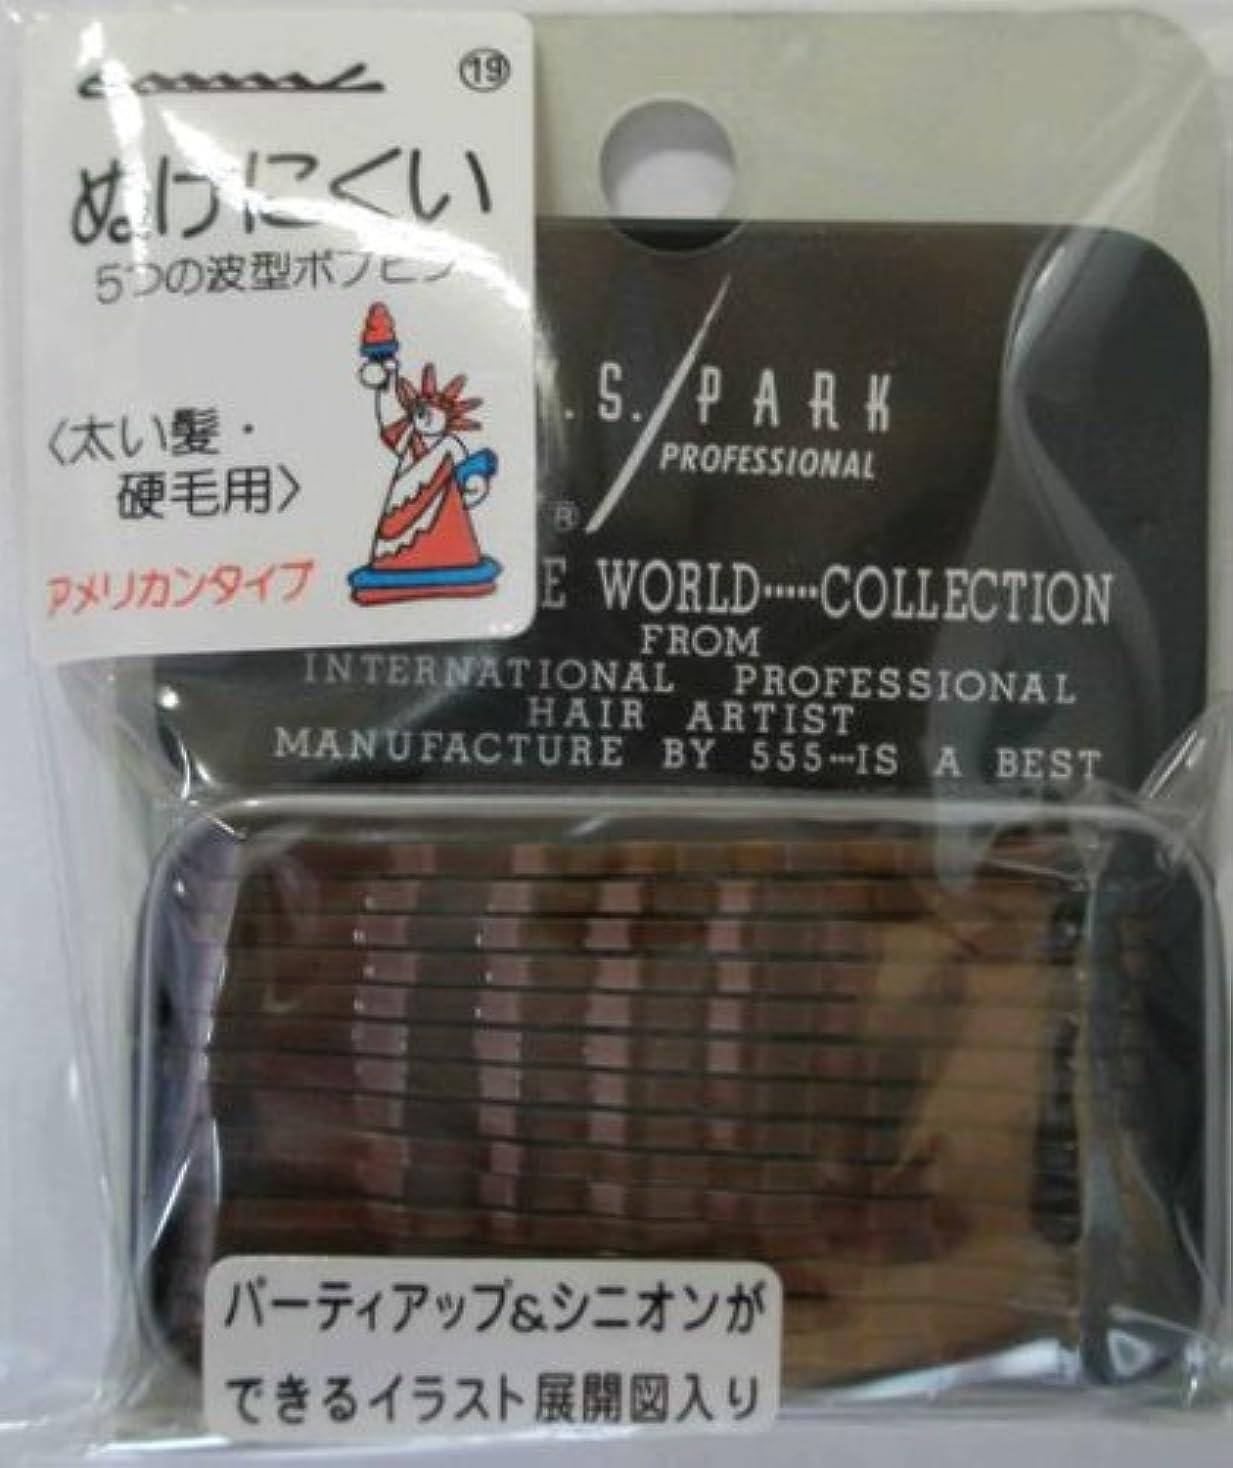 ペックねばねばヨーグルトY.S.PARK世界のヘアピンコレクションNo.19(太い髪?硬毛用)アメリカンタイプ40P